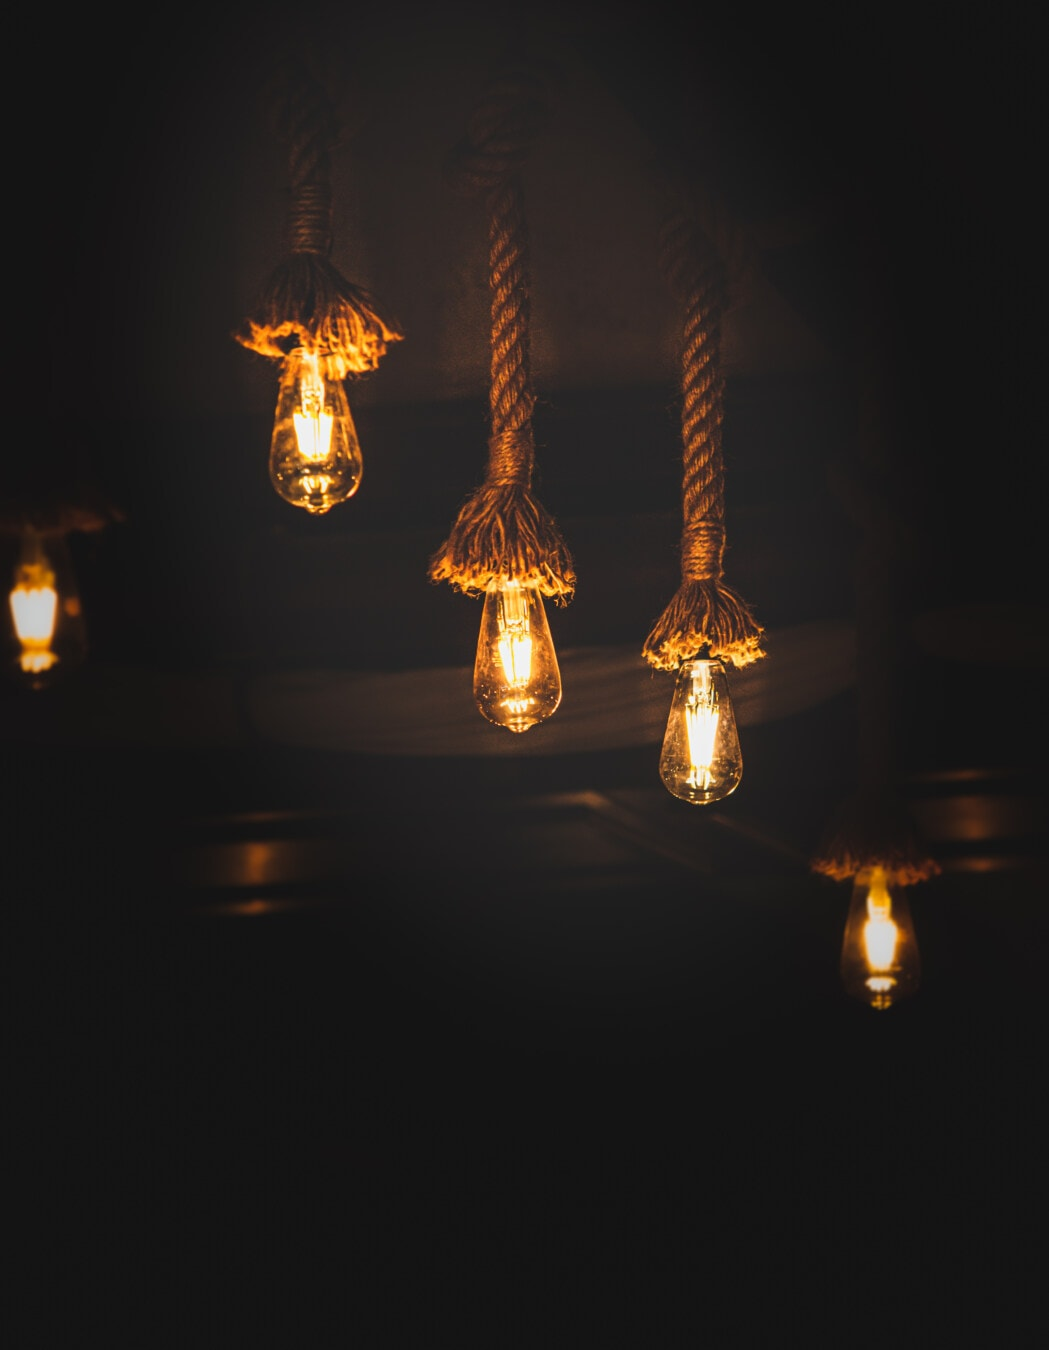 ljuskrona, handgjorda, rep, vintage, glödlampa, tak, lampan, lykta, ljus, belysta